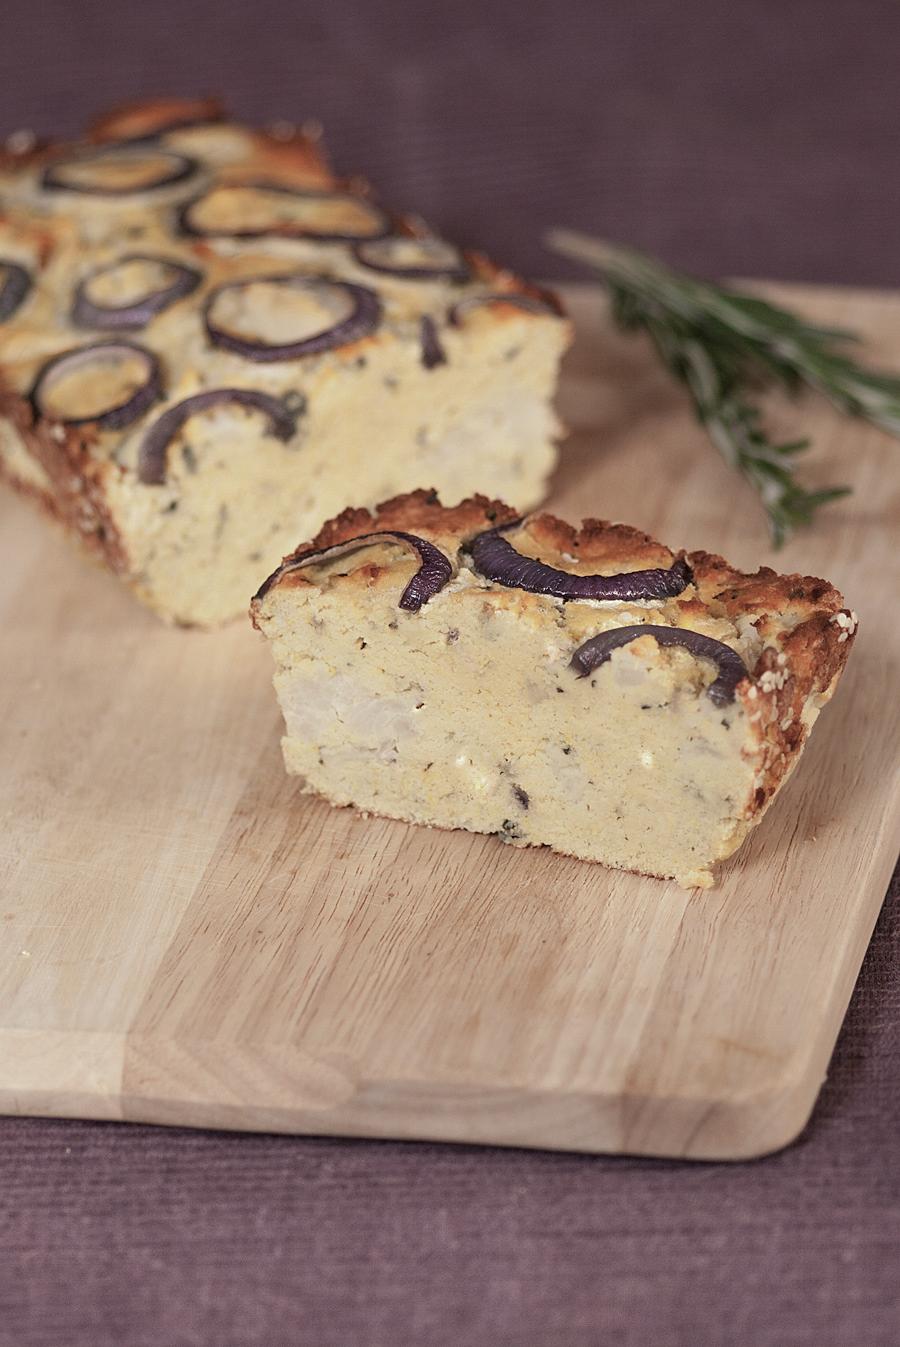 Cauliflower bread loaf| Lau Sunday cooks